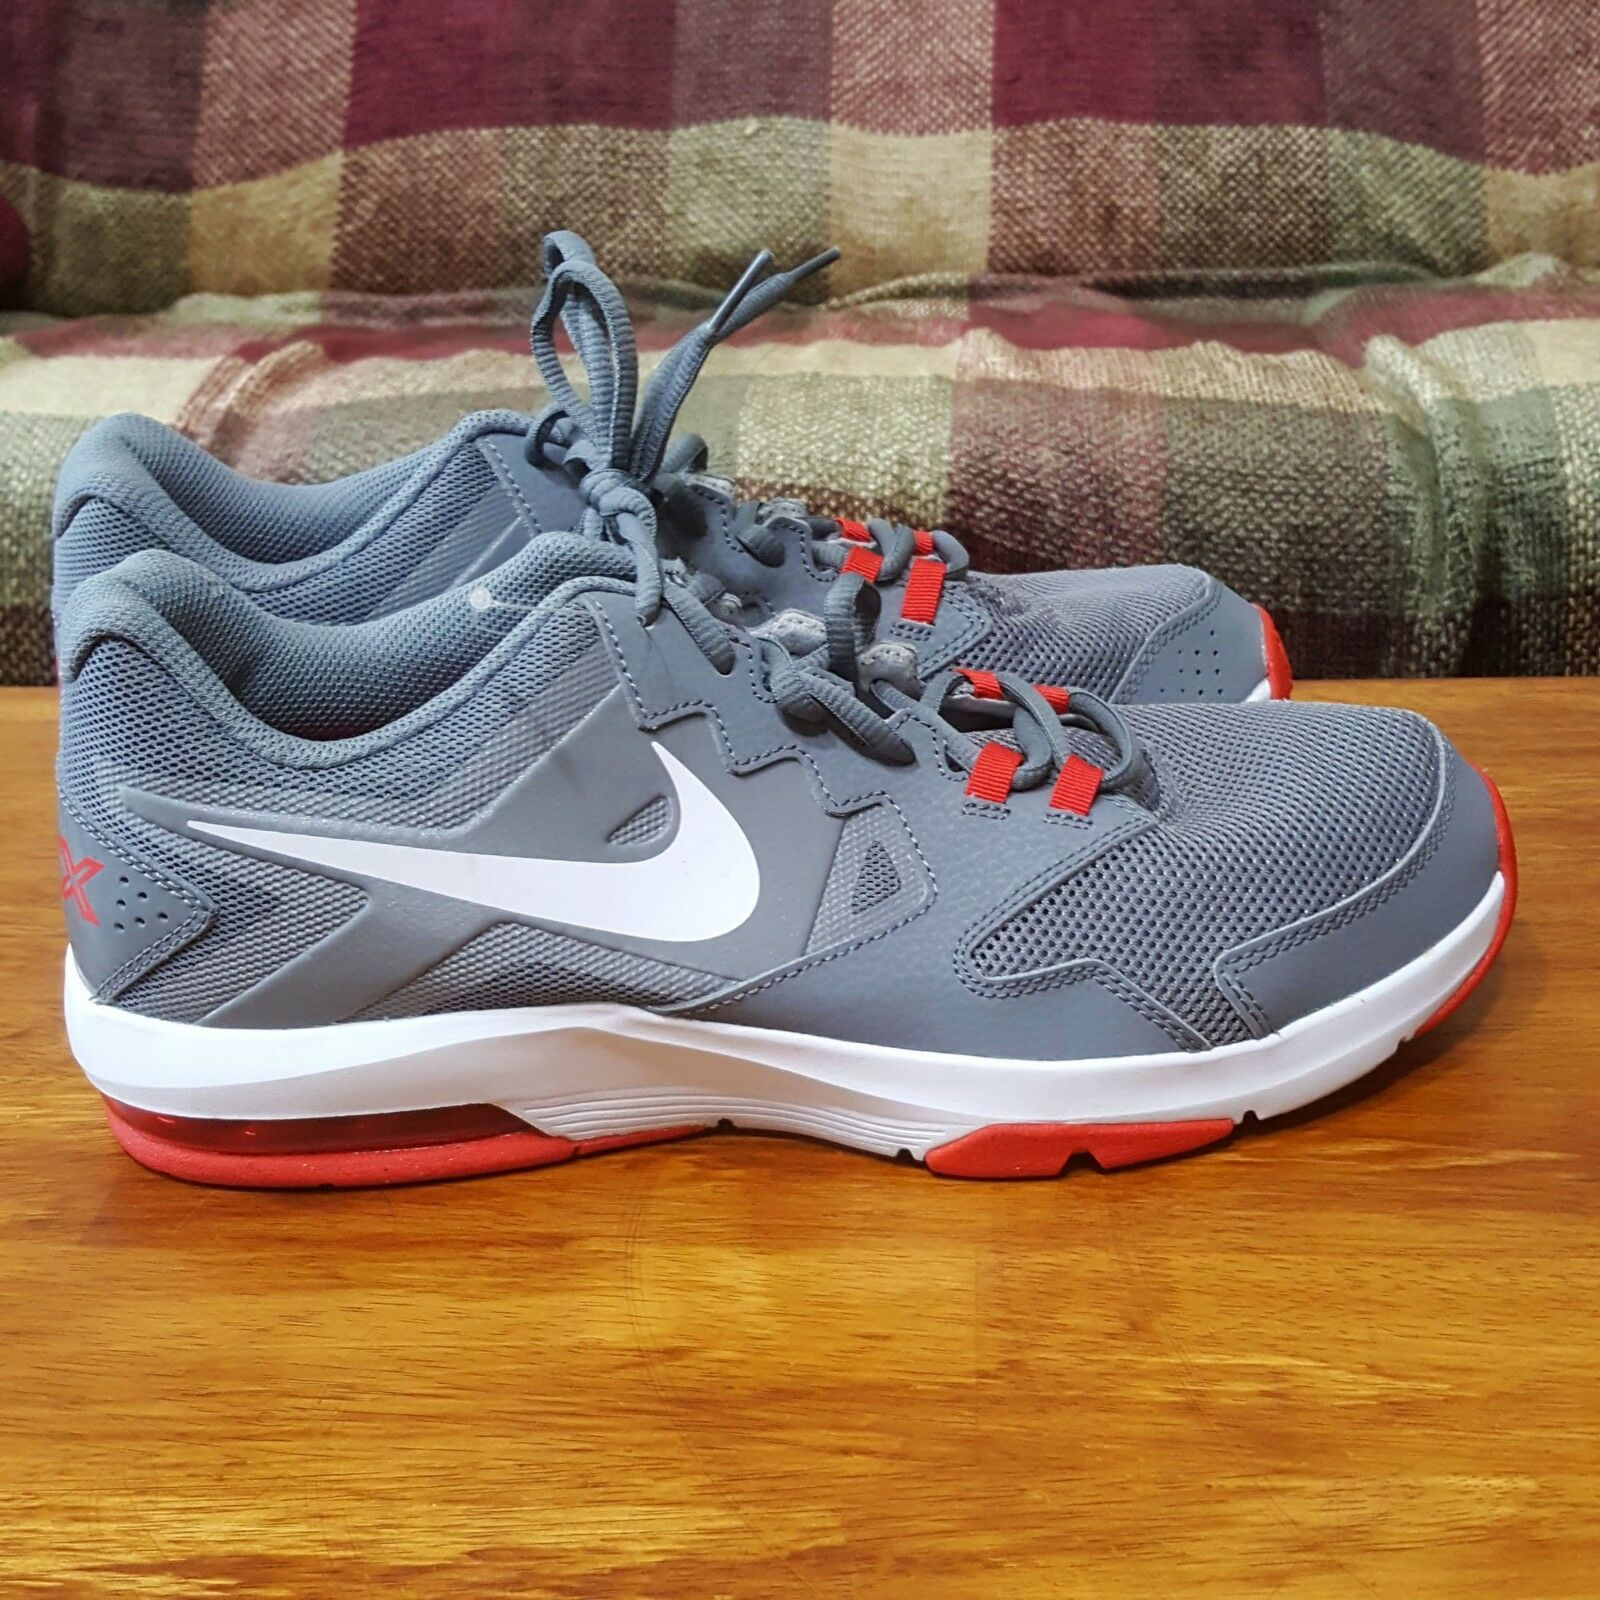 Nike Air Crusher 2 Training Cool Grey Red sz 11.5 719933-009 UK 10.5 EUR 45.5